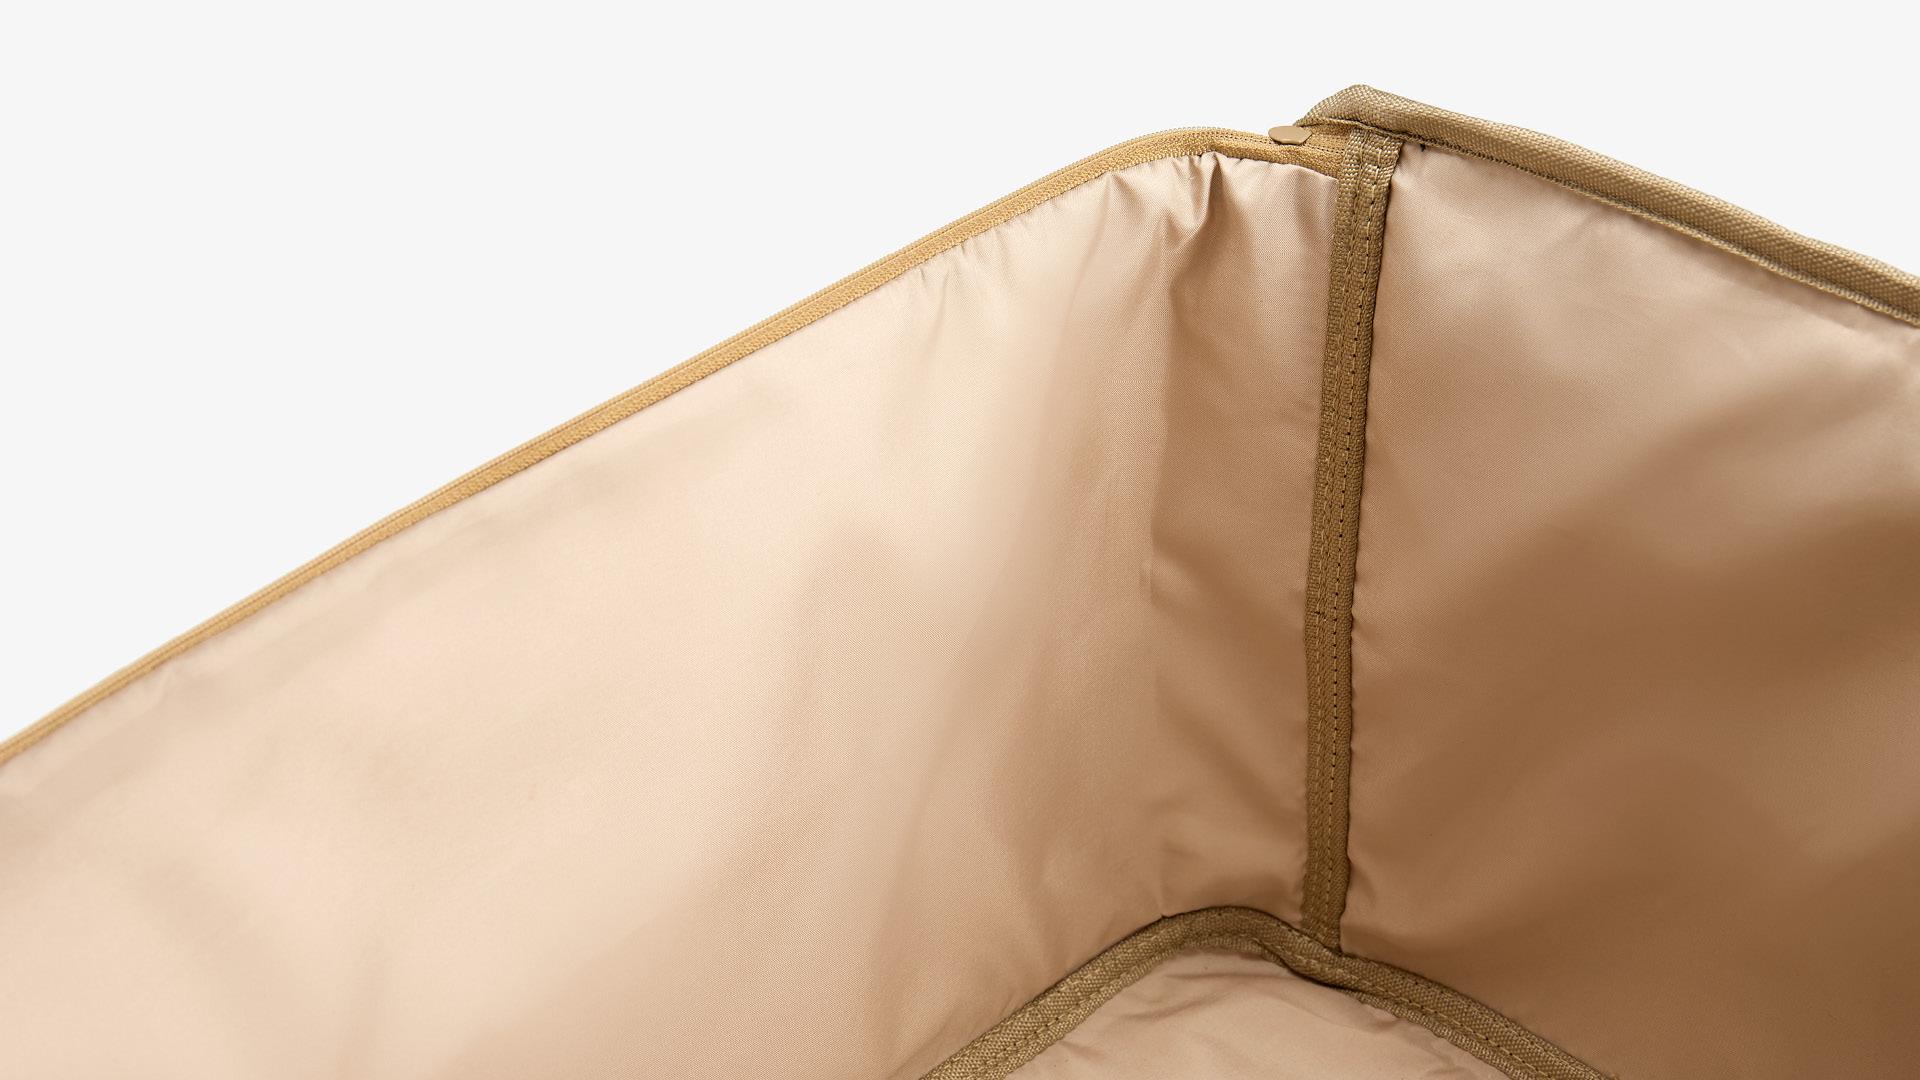 涤棉混纺+PET夹层<br/>贴身织物不被划伤